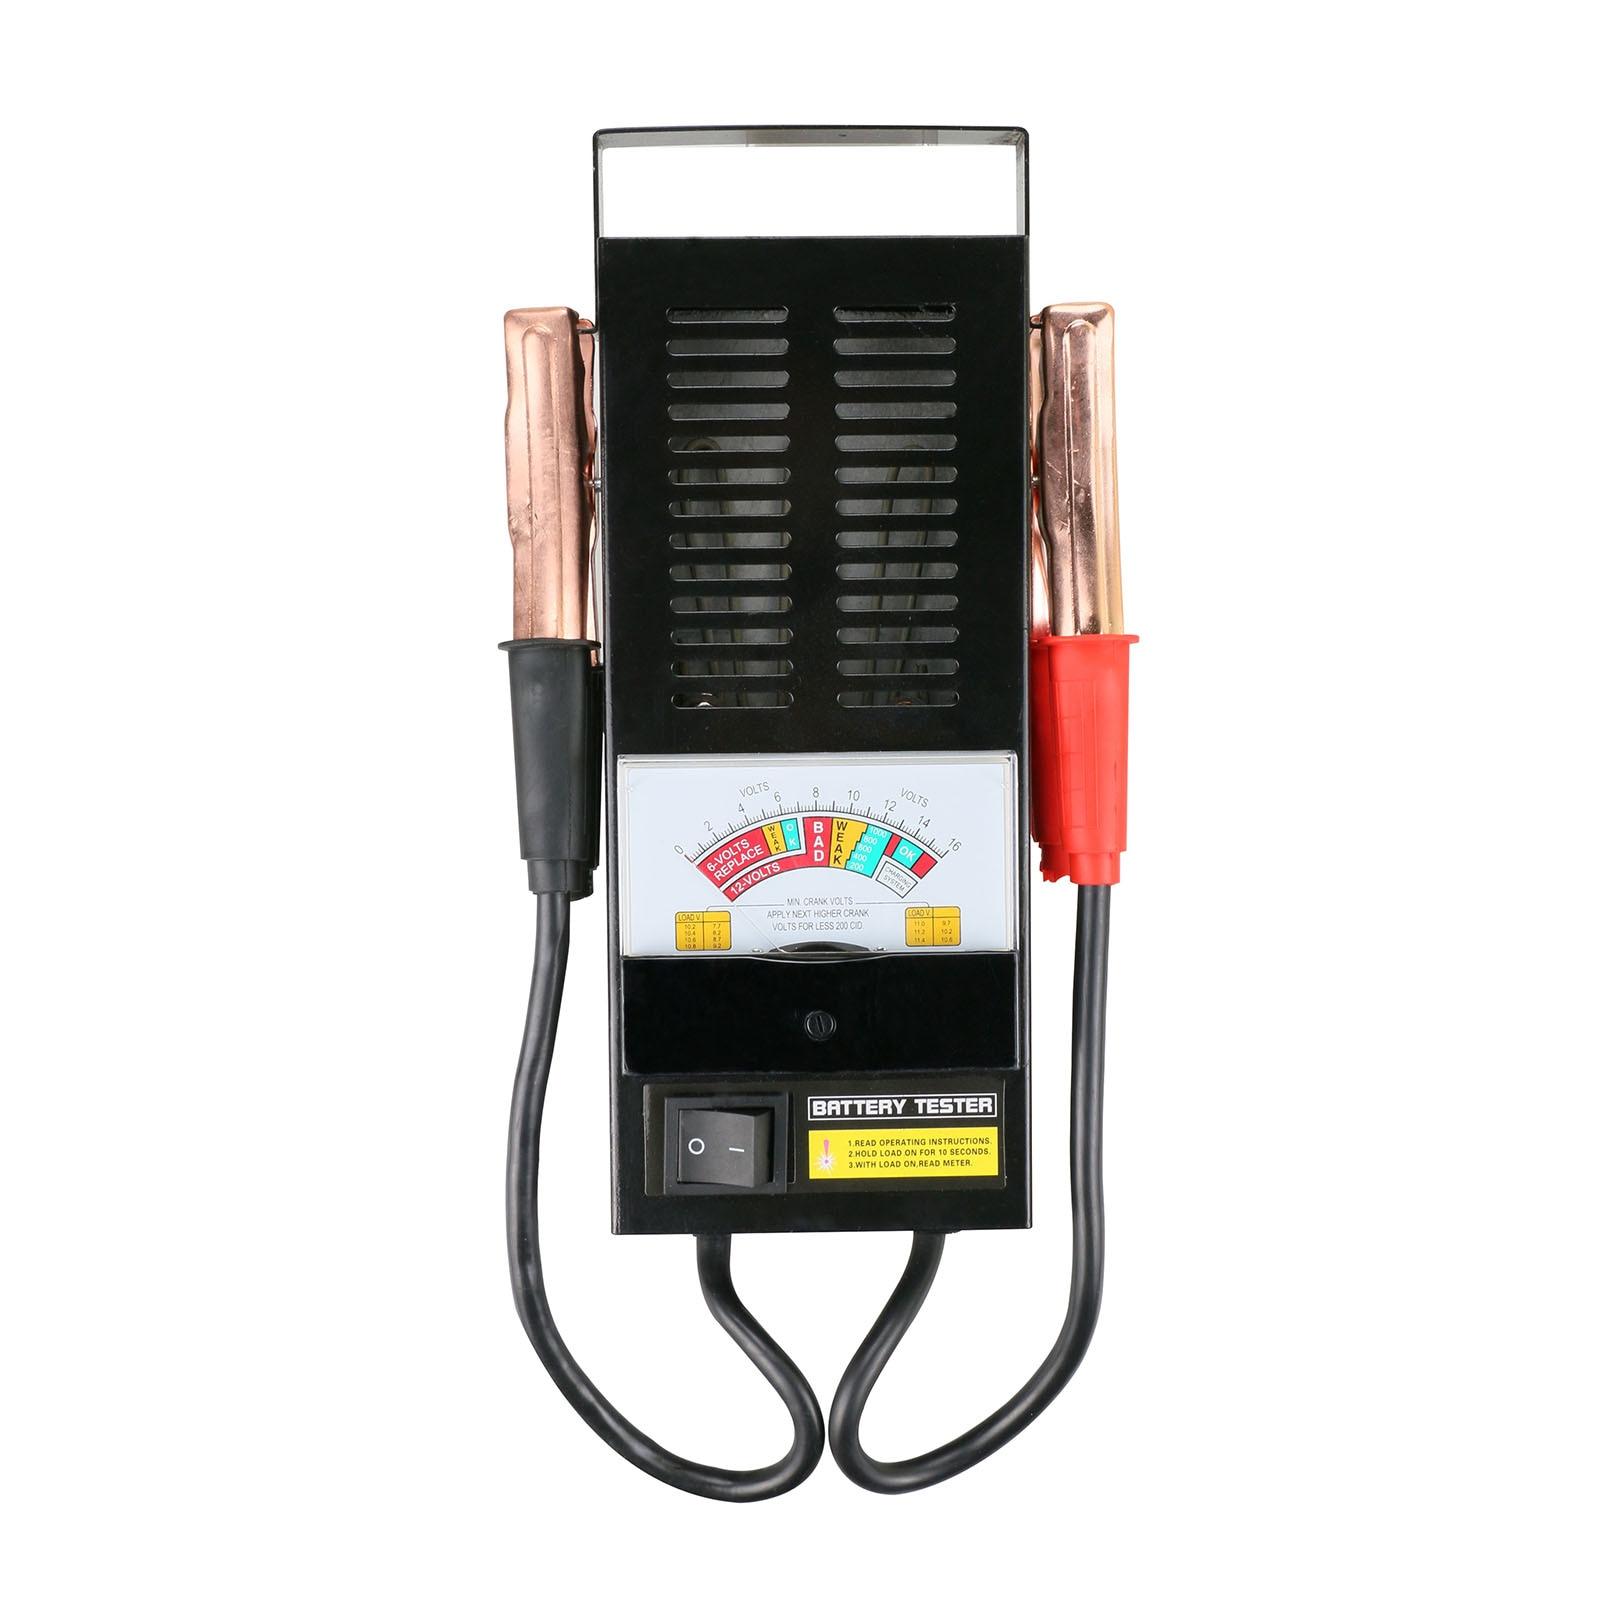 BT002 Car Battery Tester 6V 12V Digital Load Truck Motor Auto Engine Test Automtive Diagnostic Tool 100Amp Cca  Alligator Clip